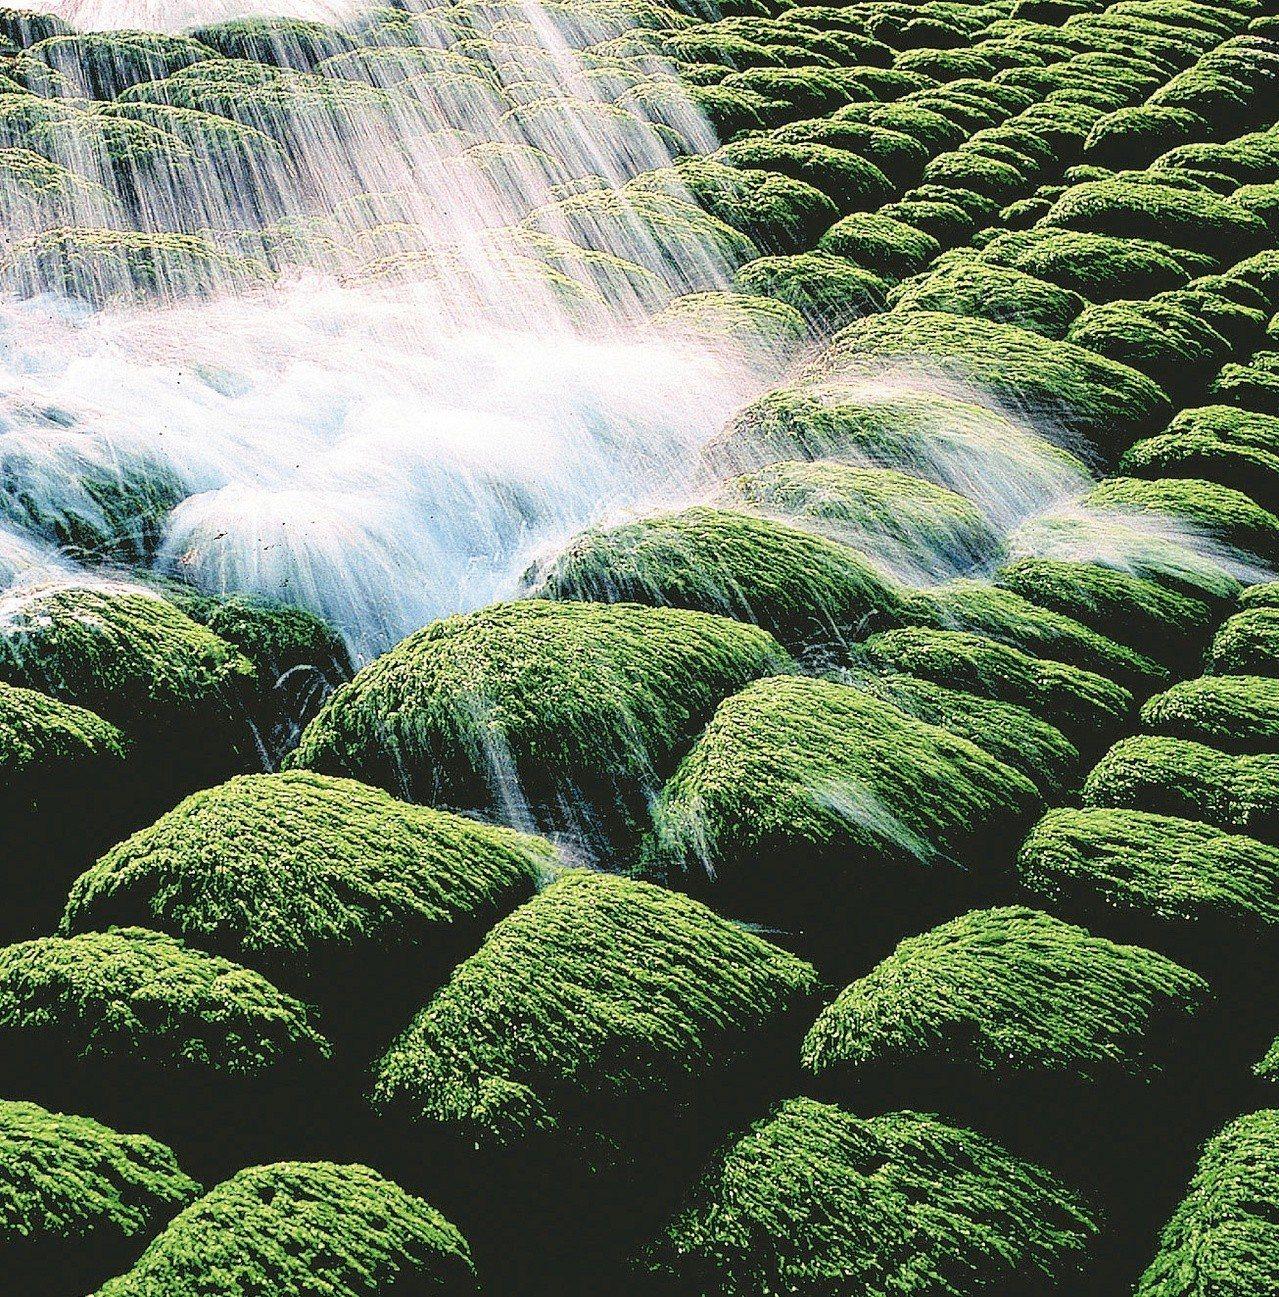 基隆市和平島公園的地質景觀享譽全台。圖為和平島豆腐岩的日出美景,被外媒選為「全球...